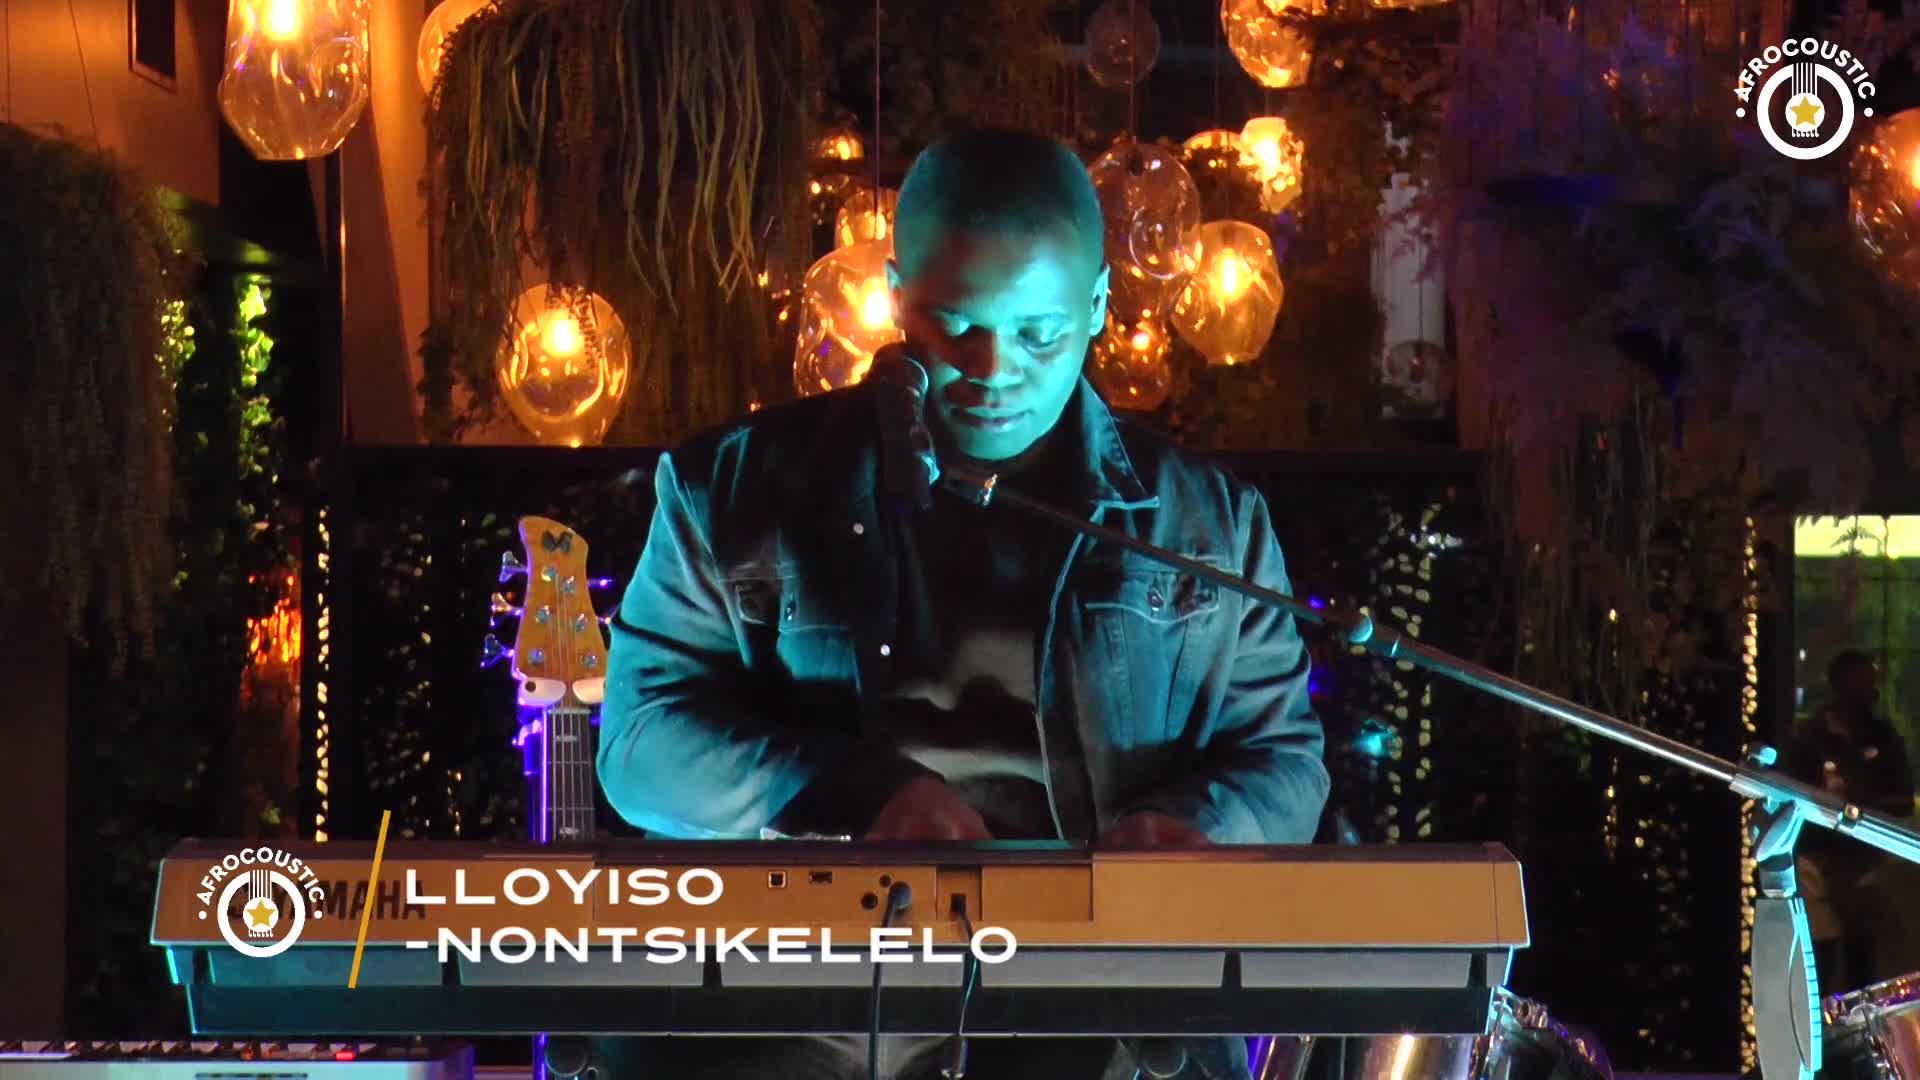 Afrocoustic - Lloyiso - Nontsikelelo